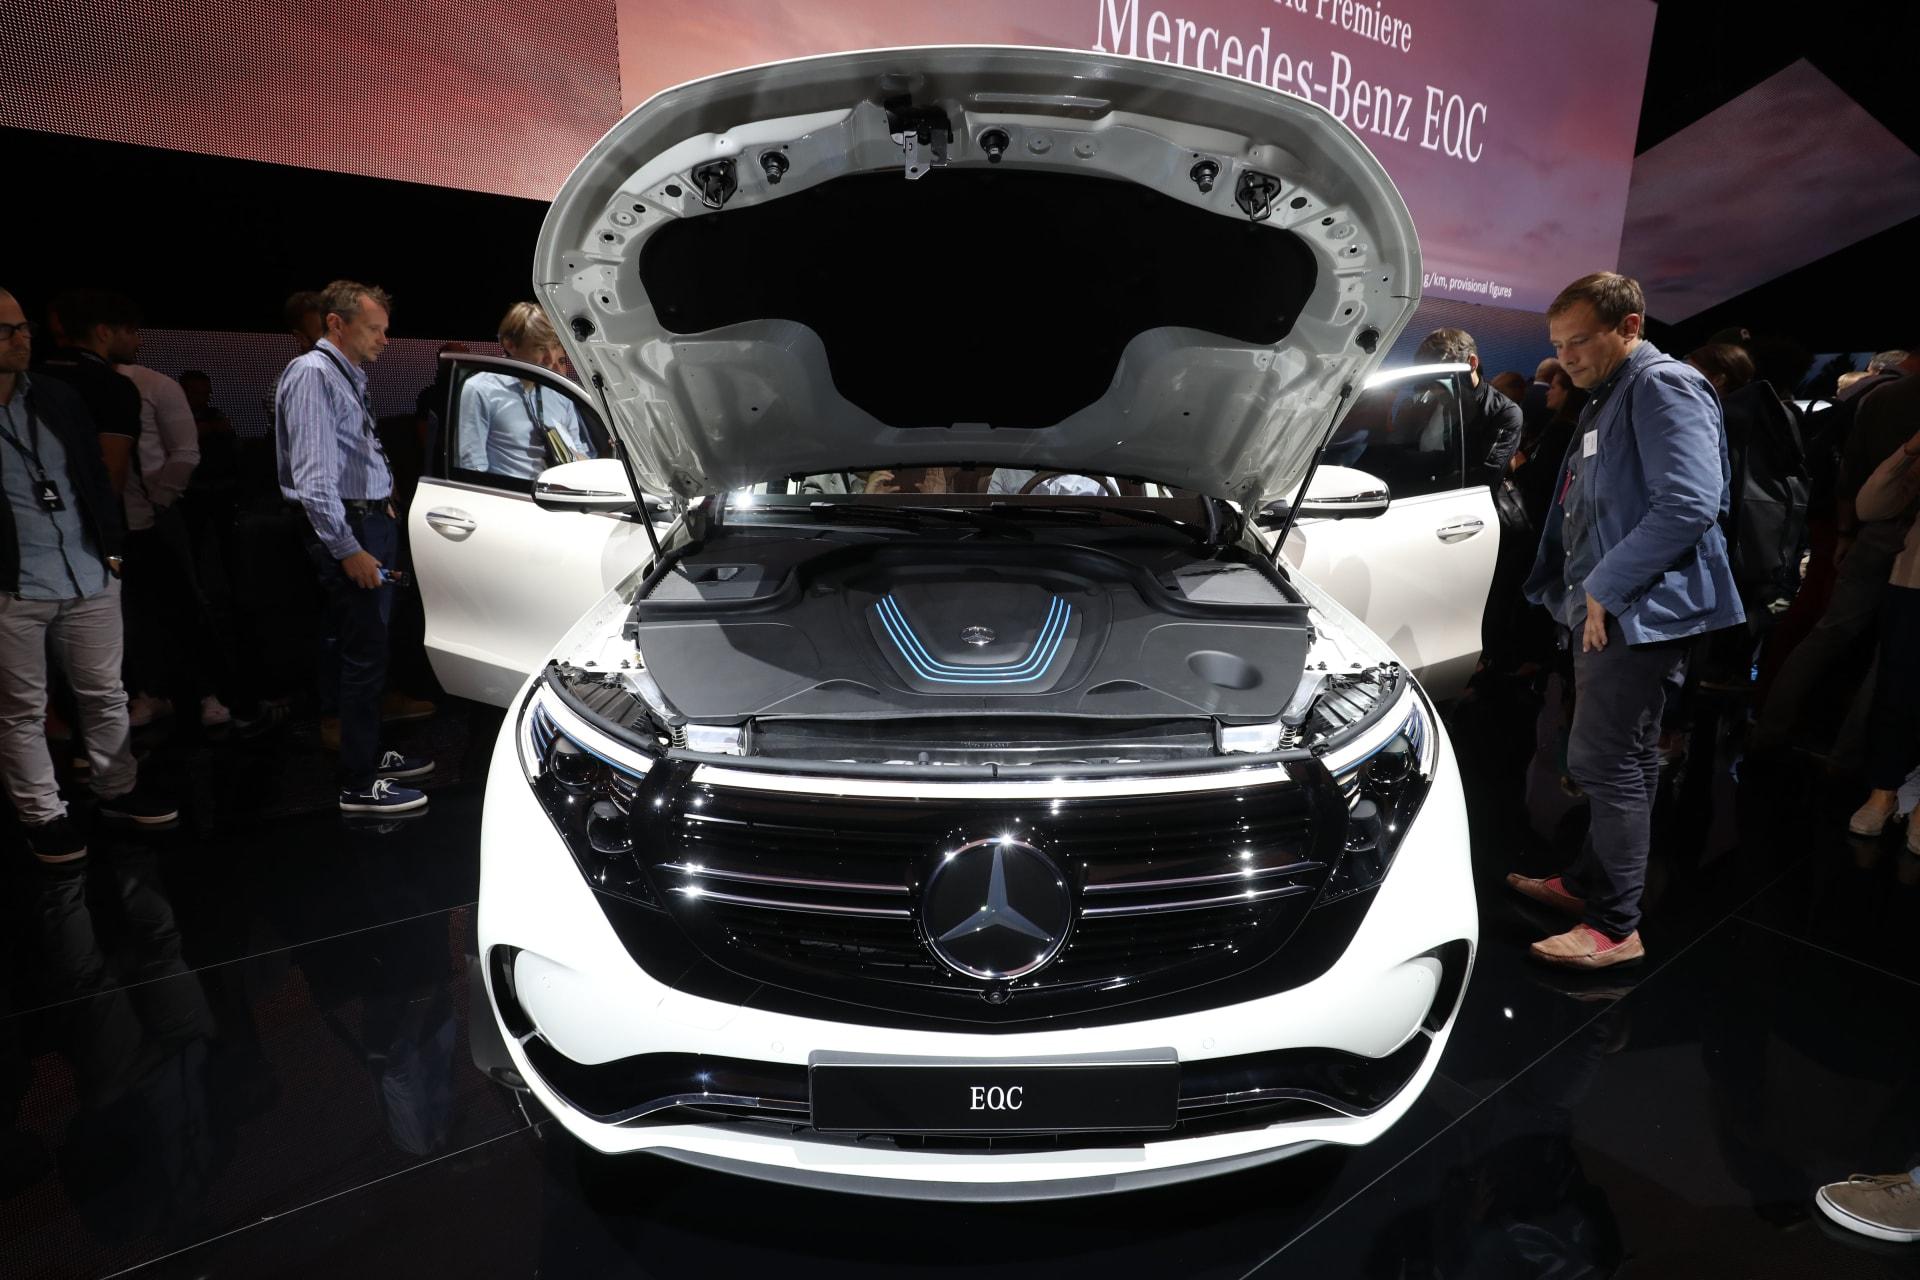 مرسيدس بنز تنفق 23 مليار دولار على بطاريات السيارات الكهربائية